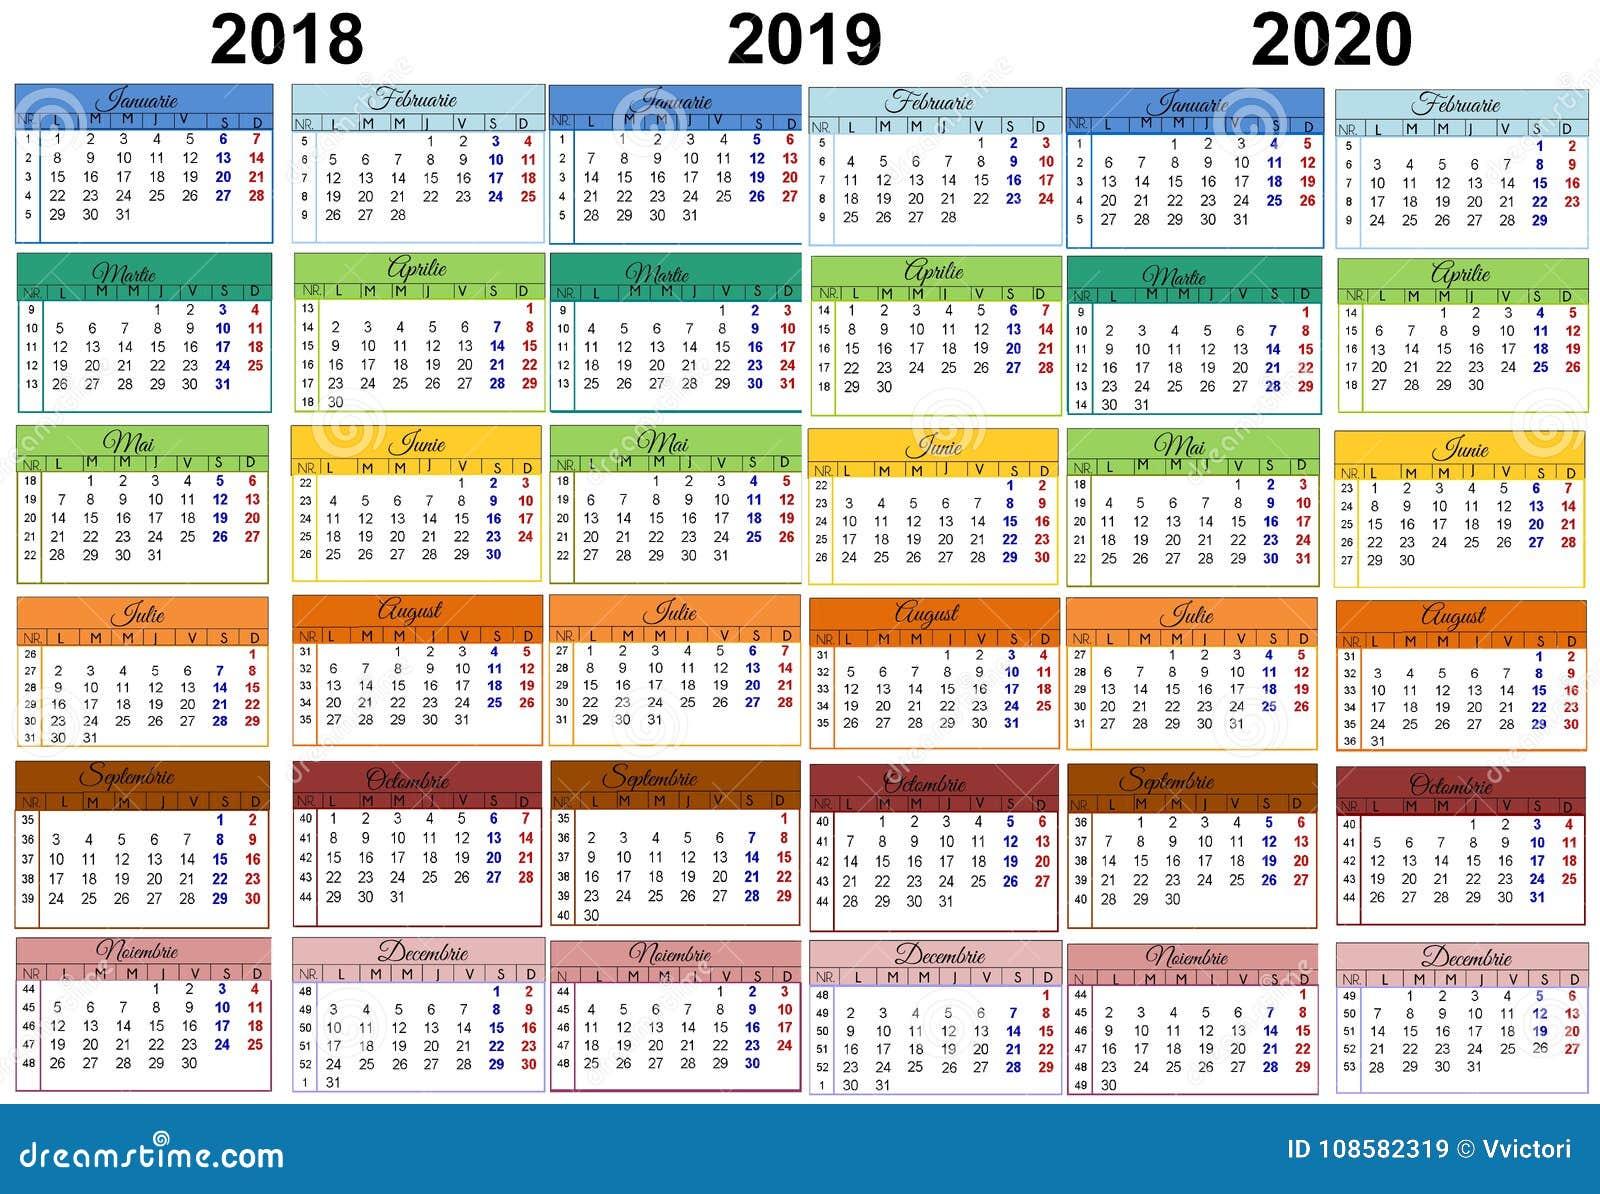 Calendario Romena 2019.Calendario Colorido 2018 Romanian 2019 2020 Ilustracao Stock